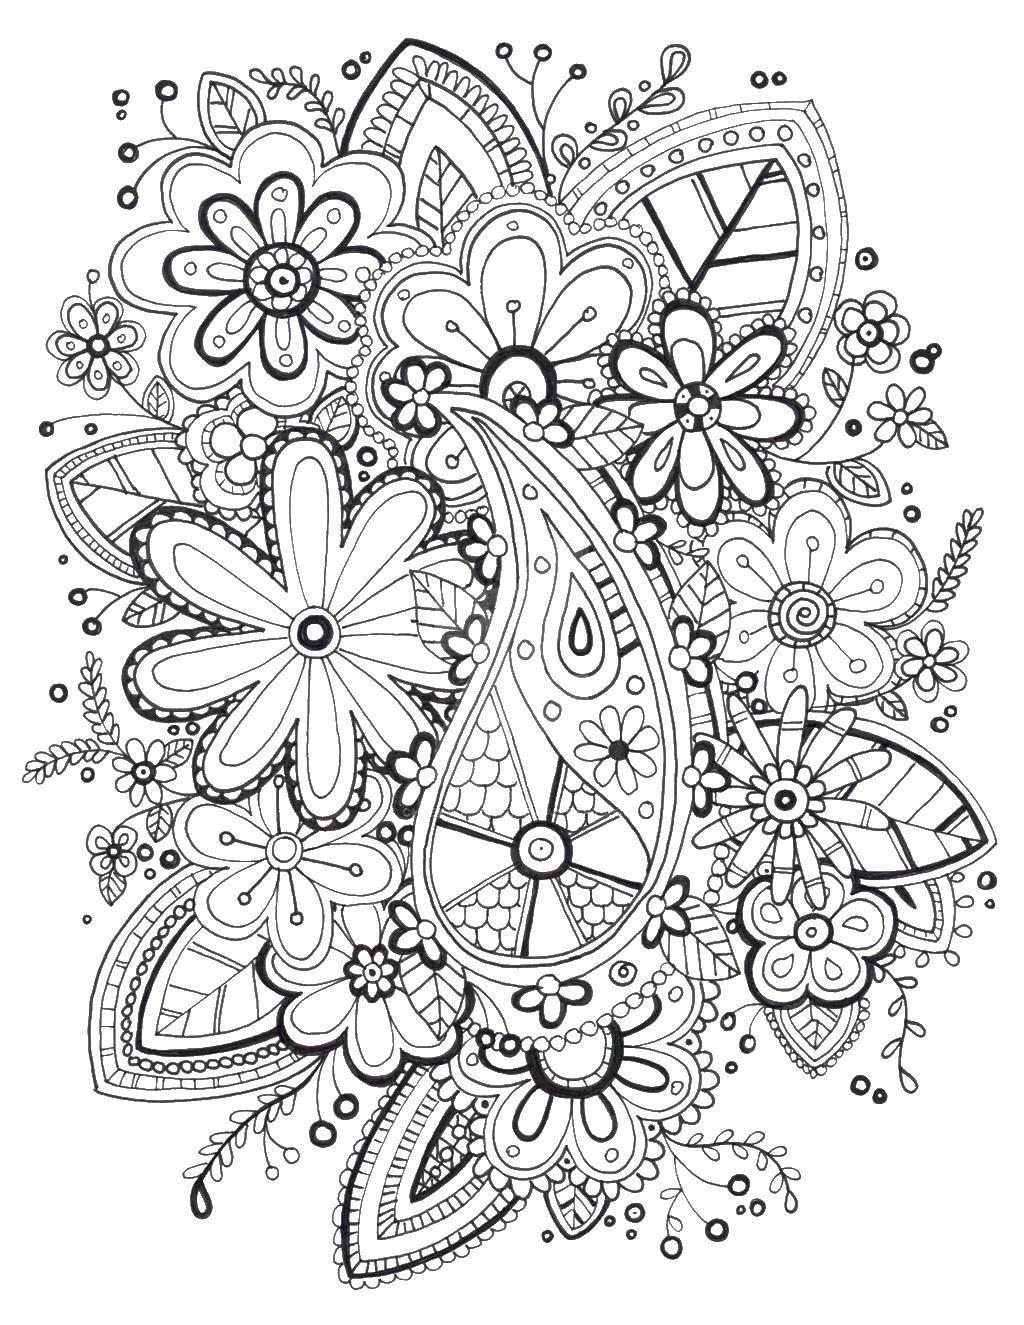 Раскраски листья, Раскраска Цветы и листья Антистресс.